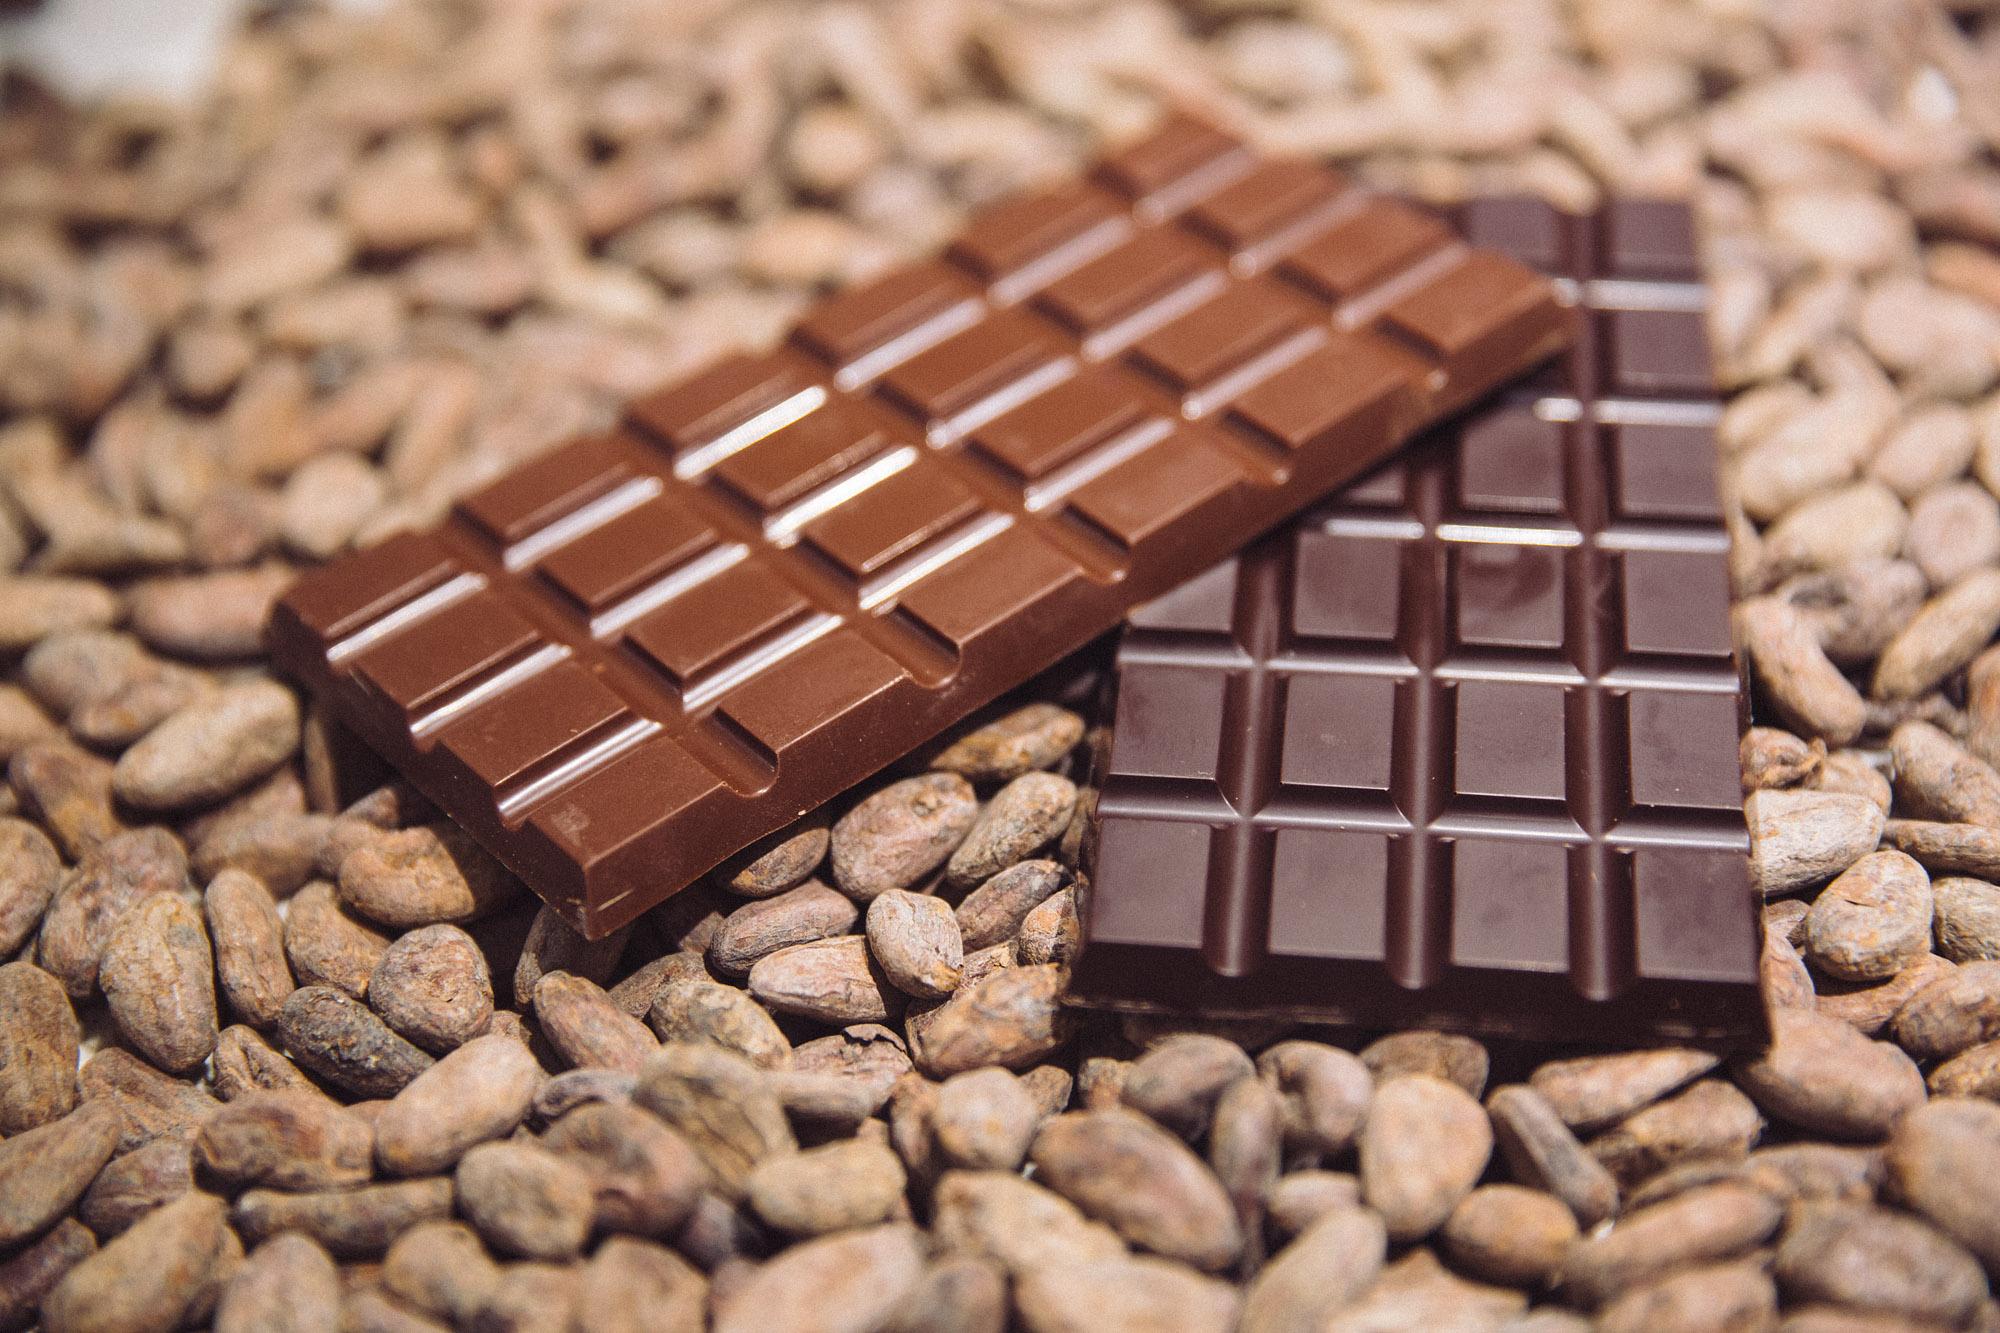 Afirman el chocolate podría acabarse en 40 años